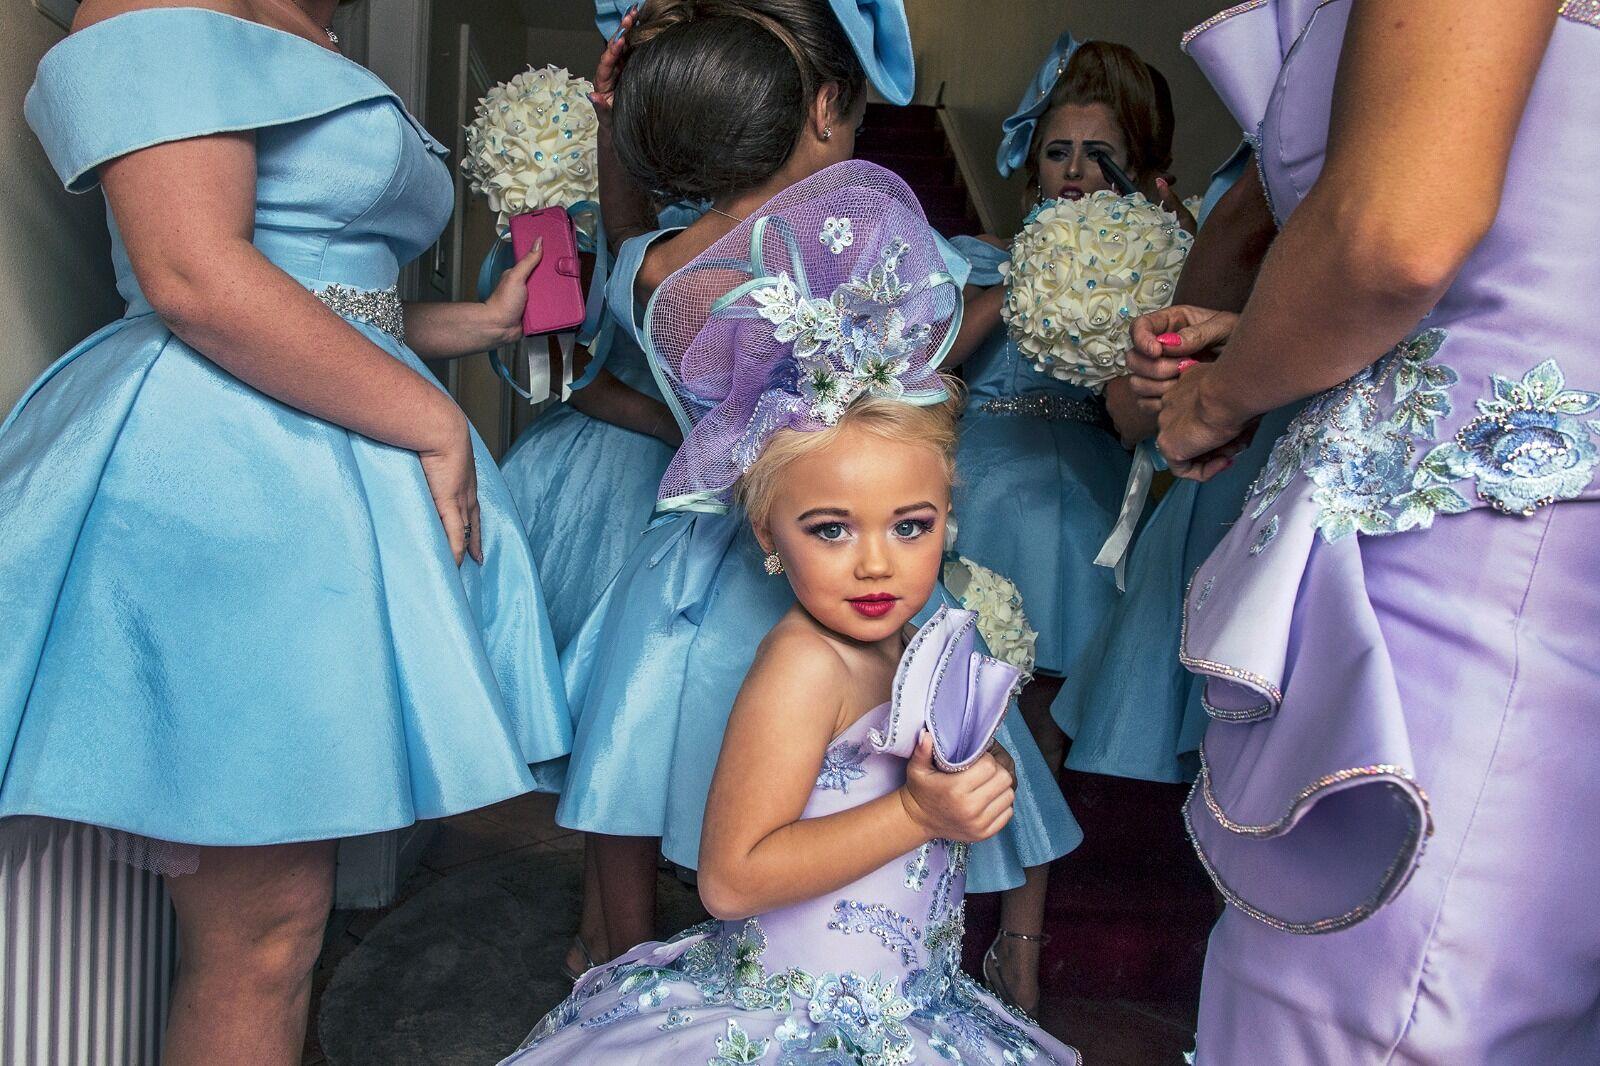 Little Bridesmaid, Wexford, Ireland 2019